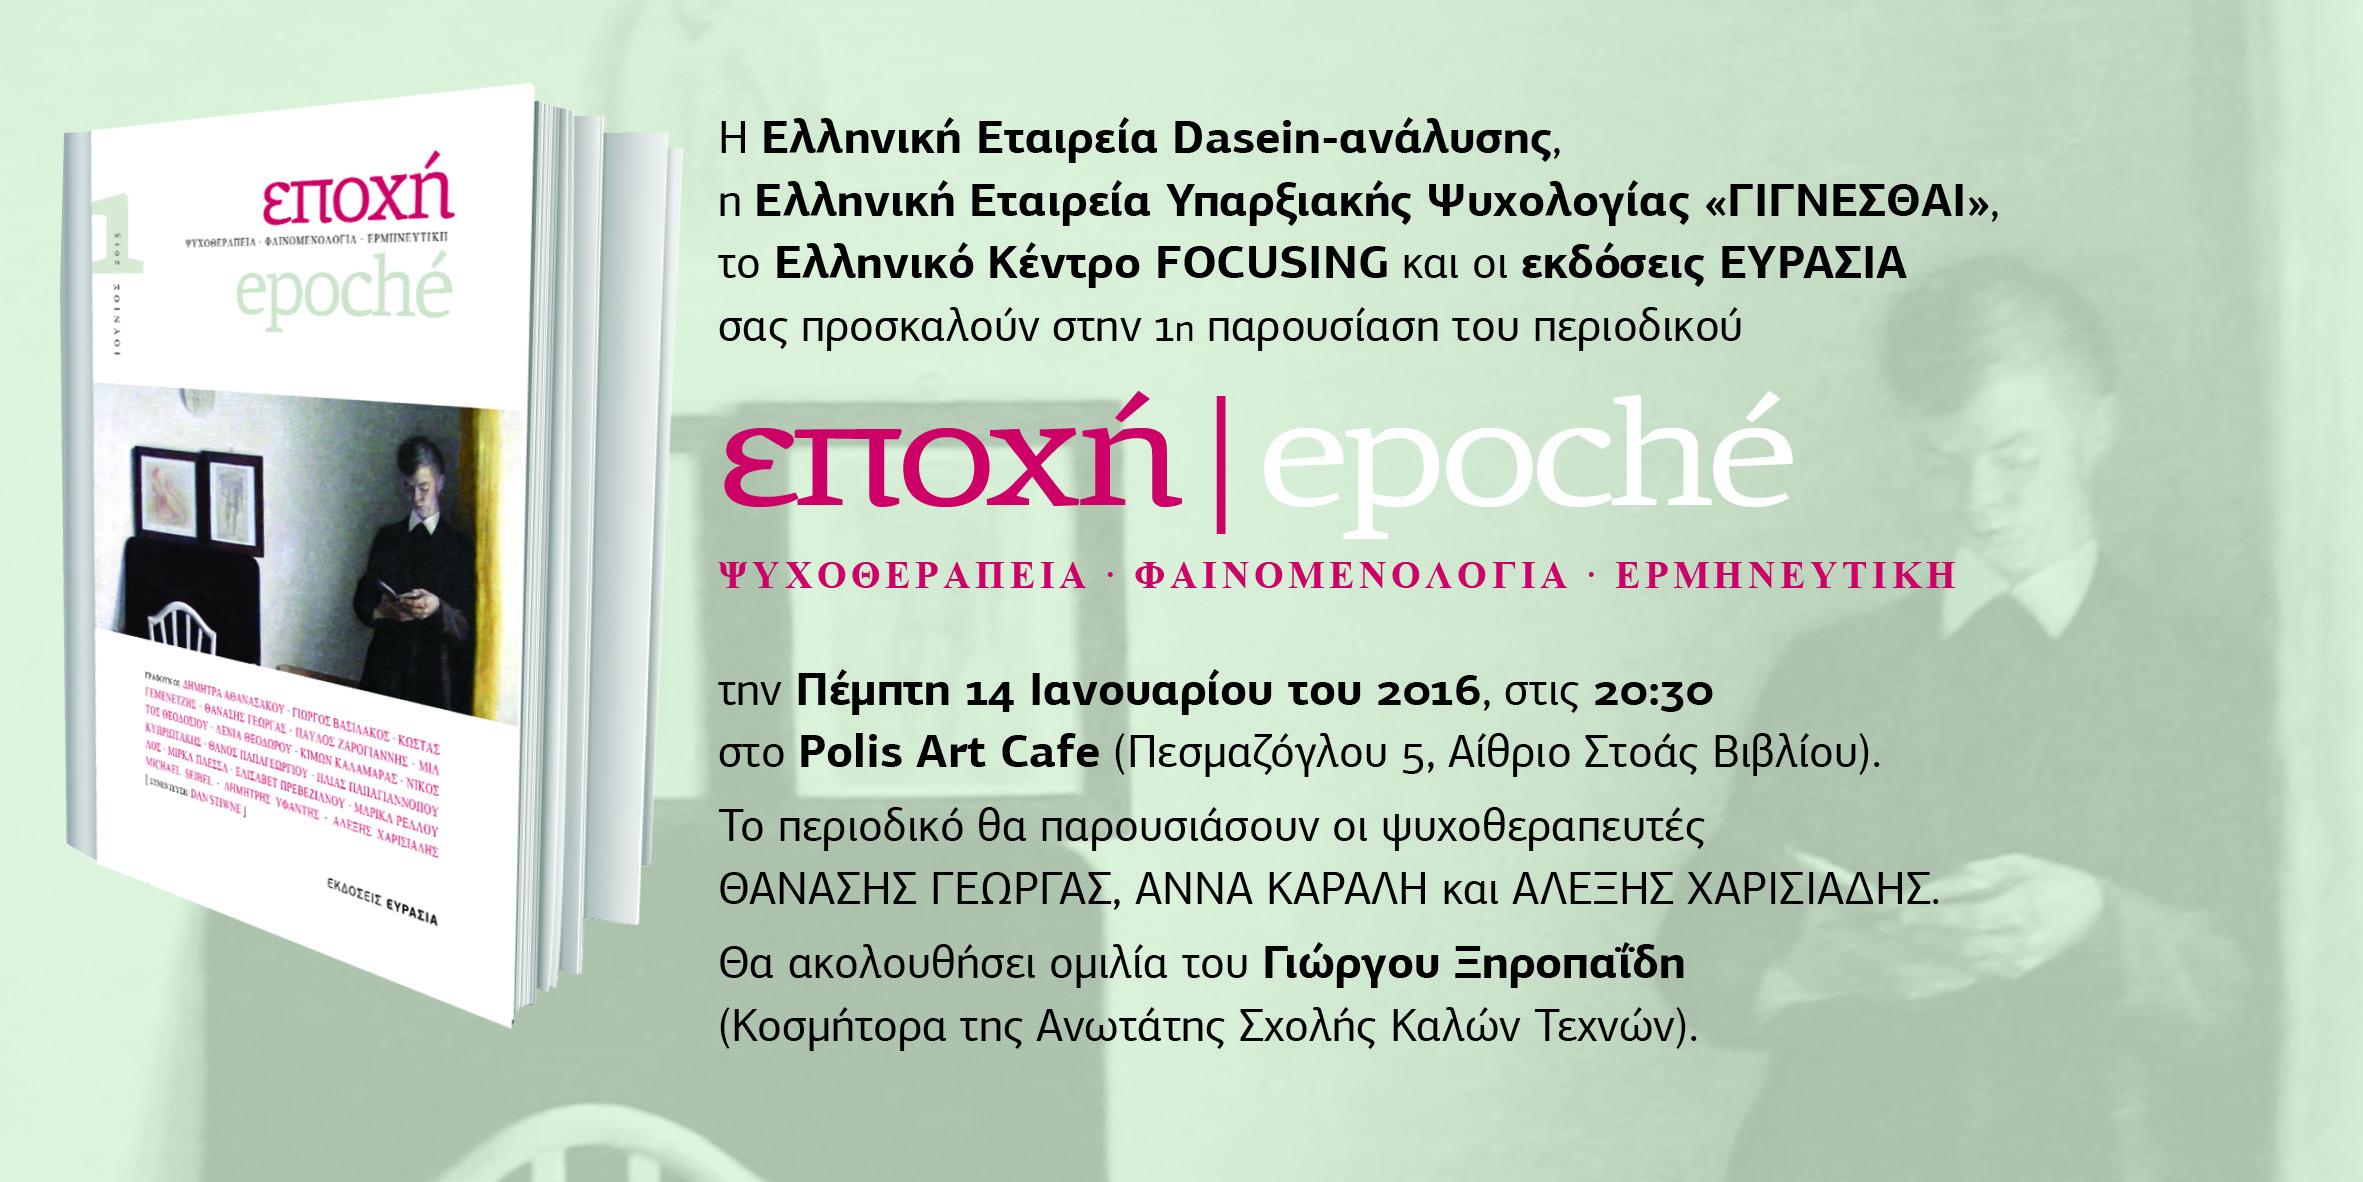 1η Παρουσίαση Περιοδικό εποχή|epoché – Εκδόσεις Ευρασία